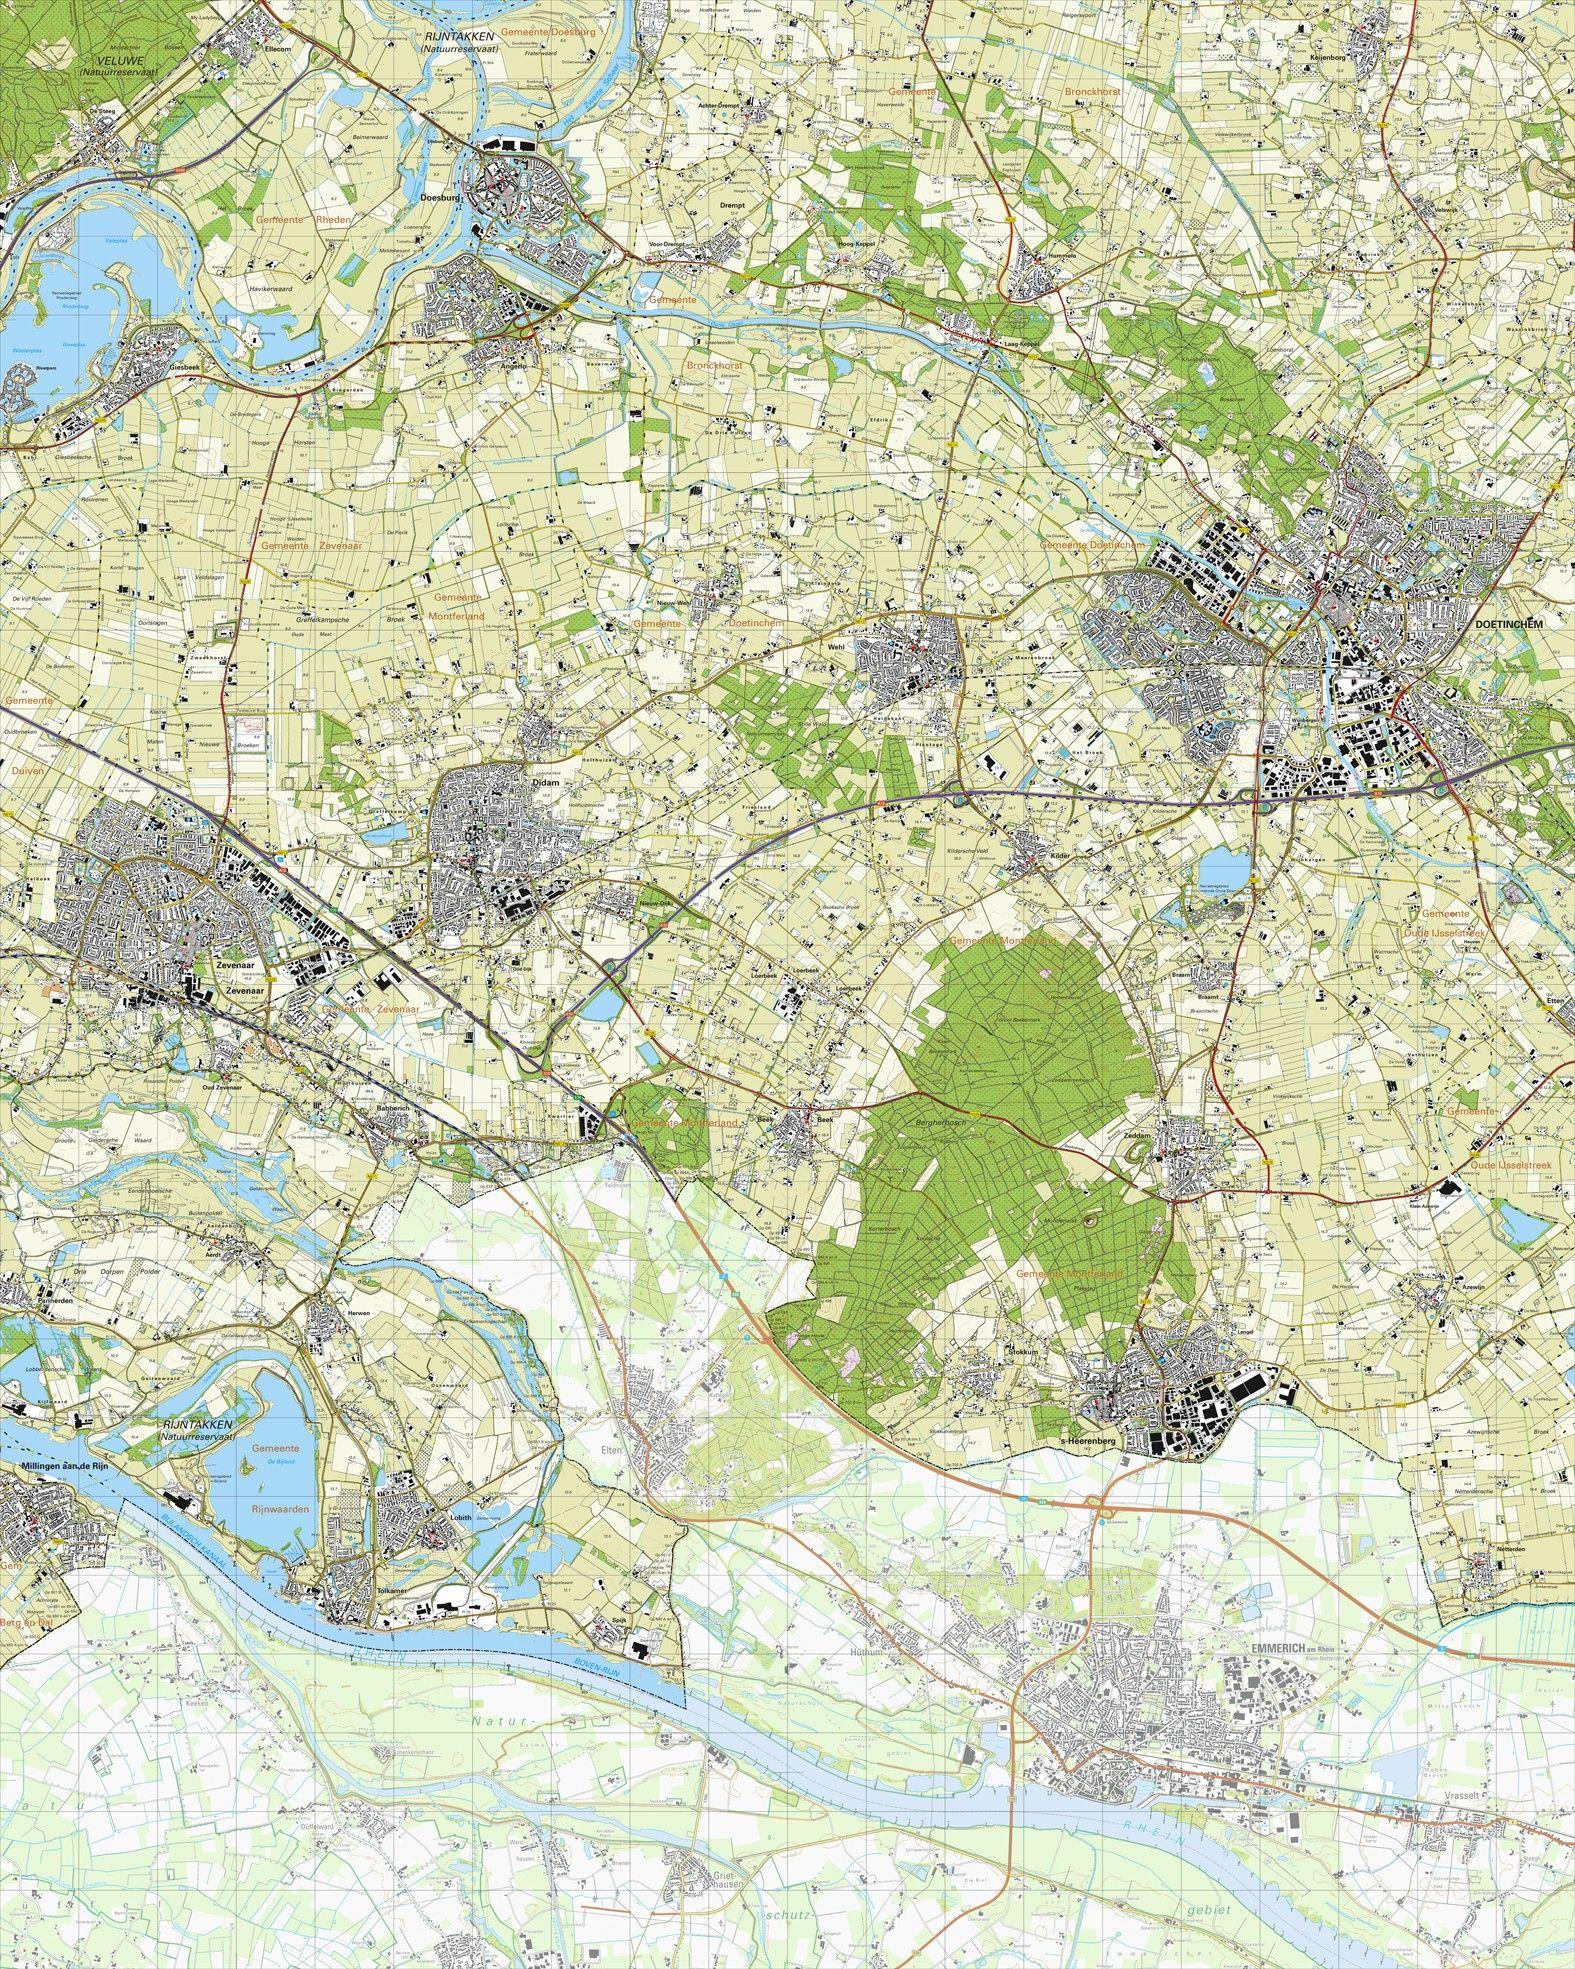 koop topografische kaart schaal 1 doetinchem zevenaar didam 39 s heerenberg zeddam. Black Bedroom Furniture Sets. Home Design Ideas